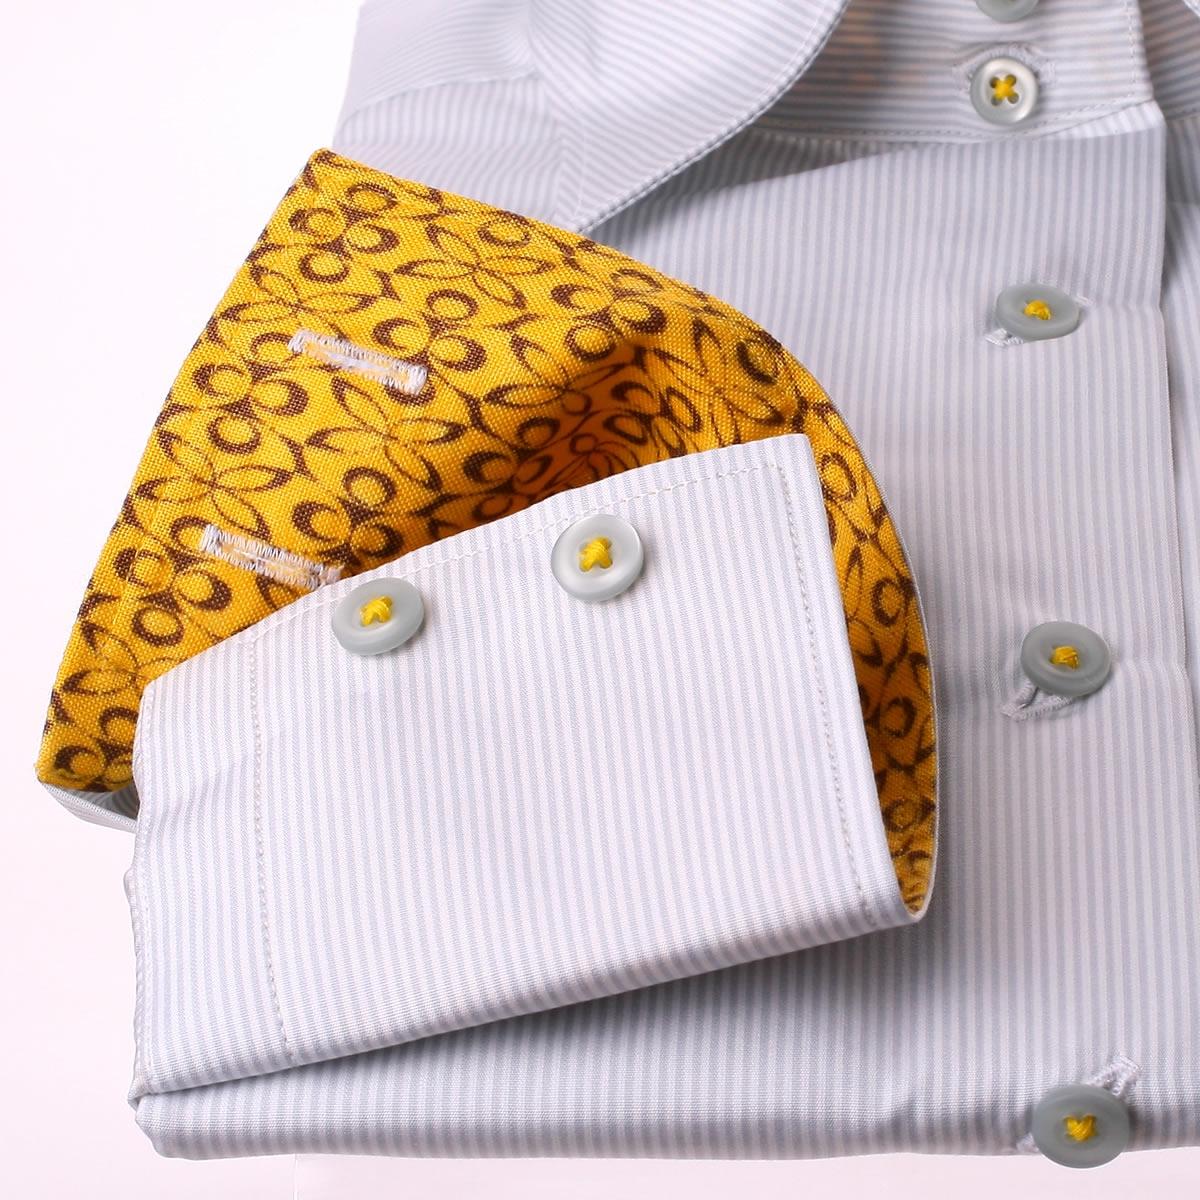 graue und wei e streifen bluse mit gelbem muster kragen und manschetten. Black Bedroom Furniture Sets. Home Design Ideas